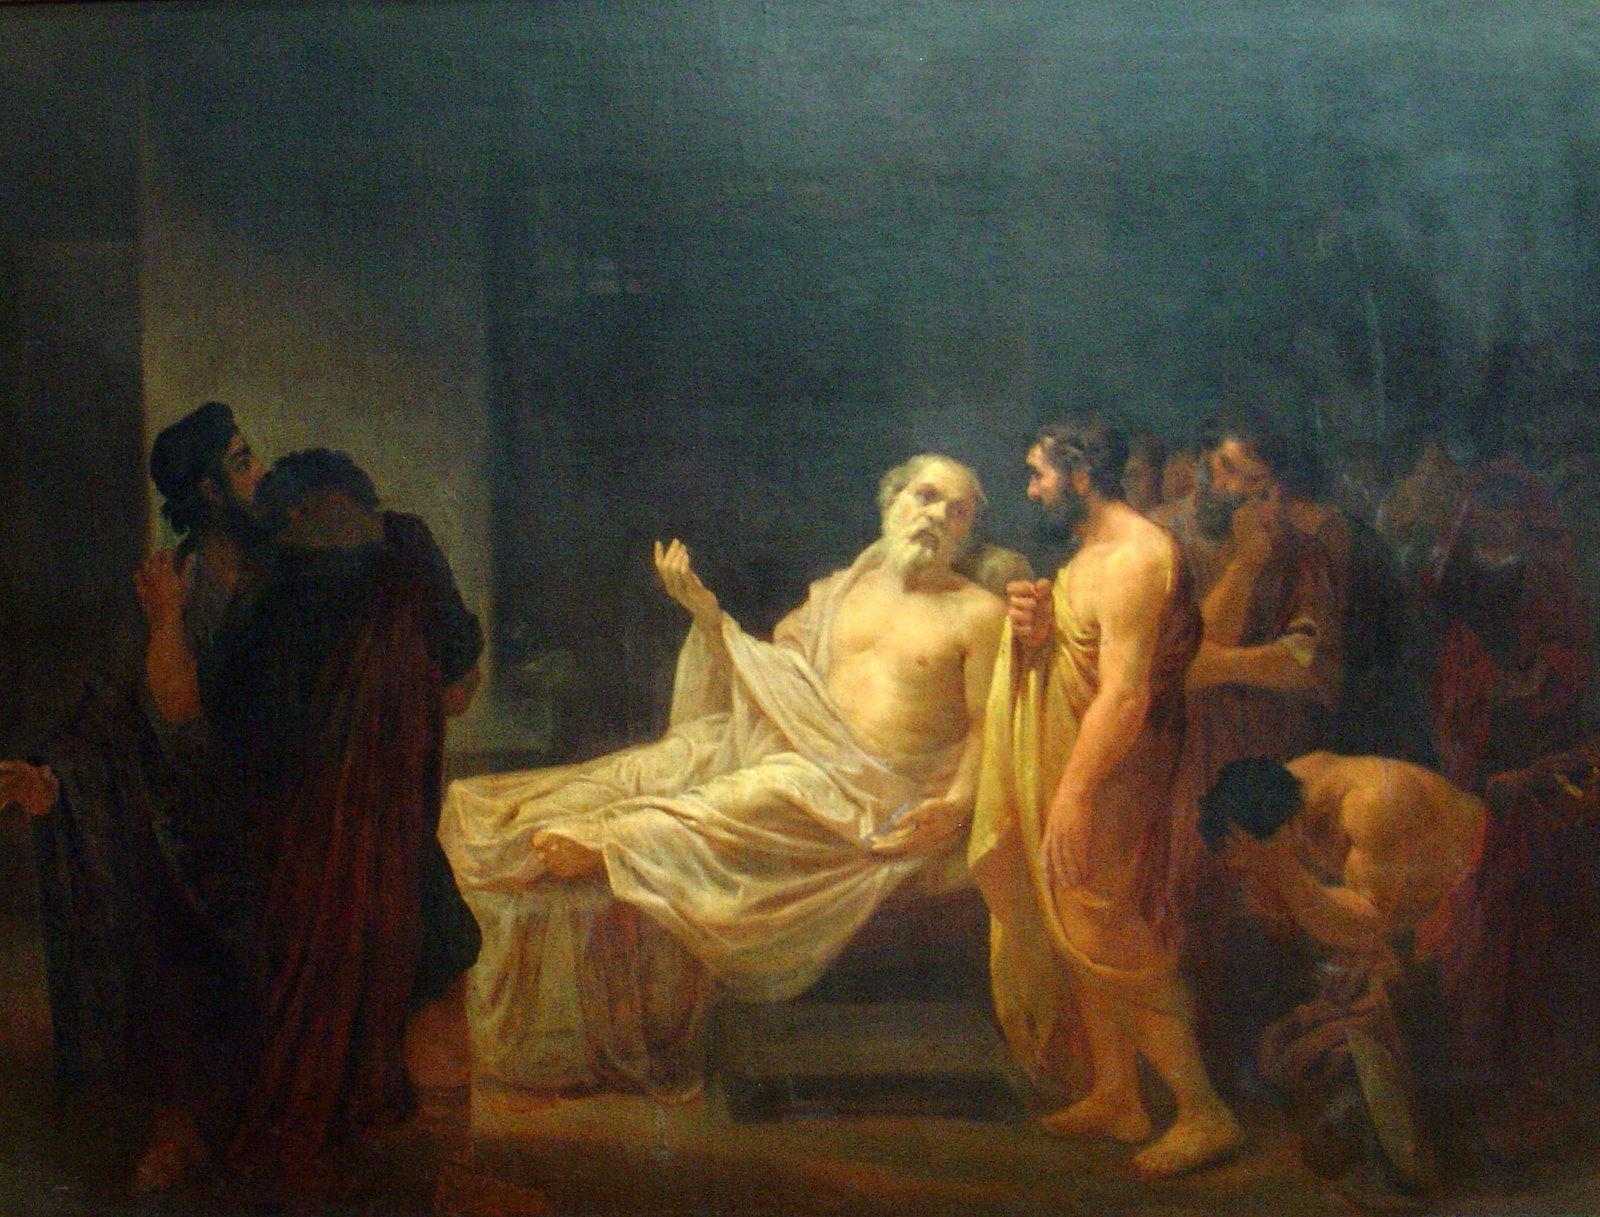 José Maria de Medeiros - A Morte de Sócrates - Museu D. João VI